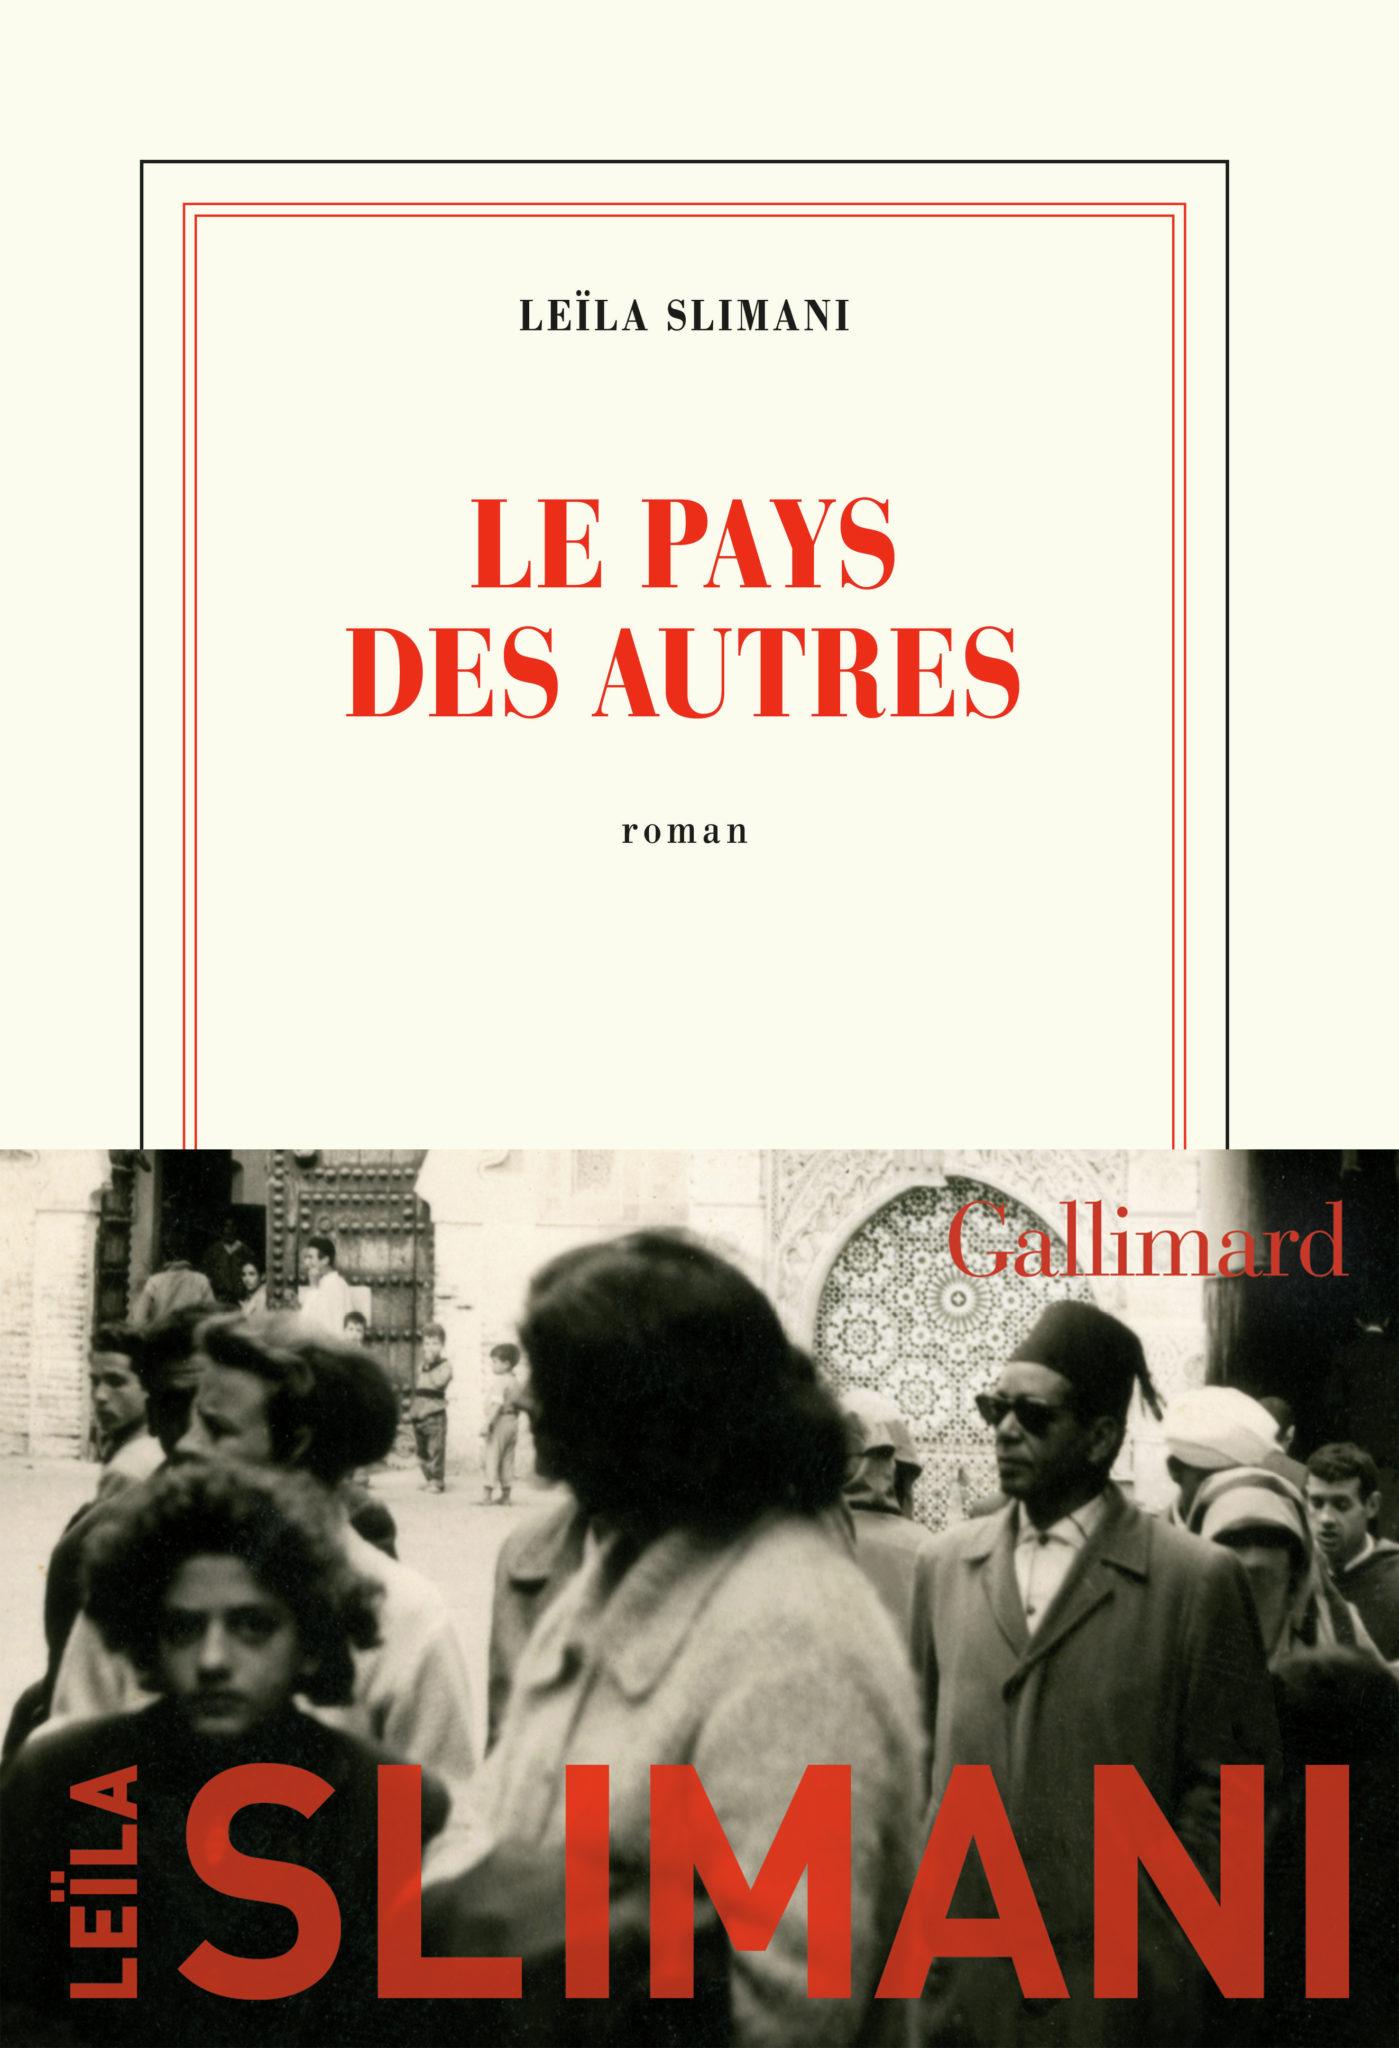 Le pays des autres Leïla Slimani livre critique couverture